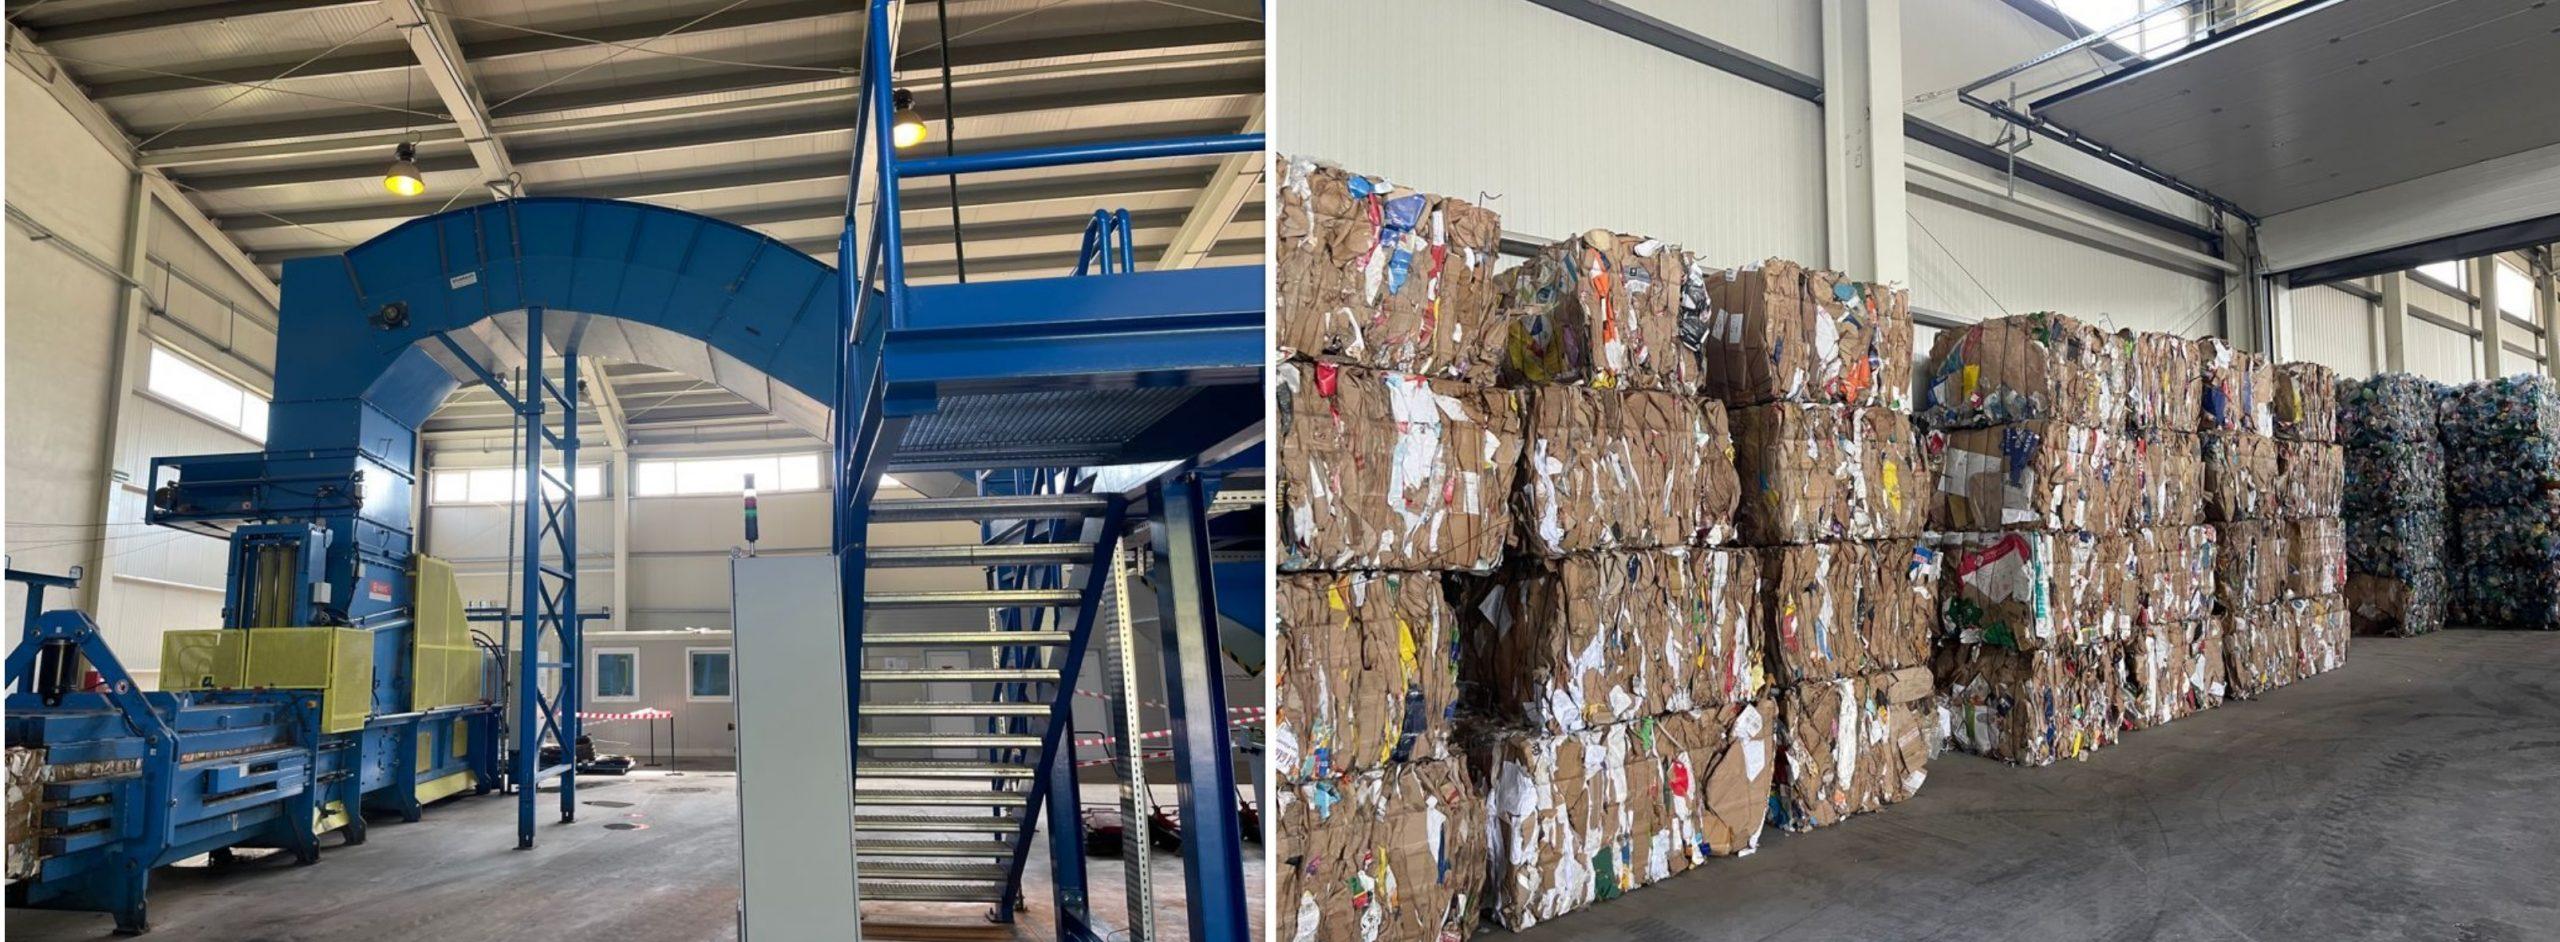 """""""Plătești pentru cât arunci"""". Supercom, investiții importante în echipamente pentru colectarea selectivă a deșeurilor"""